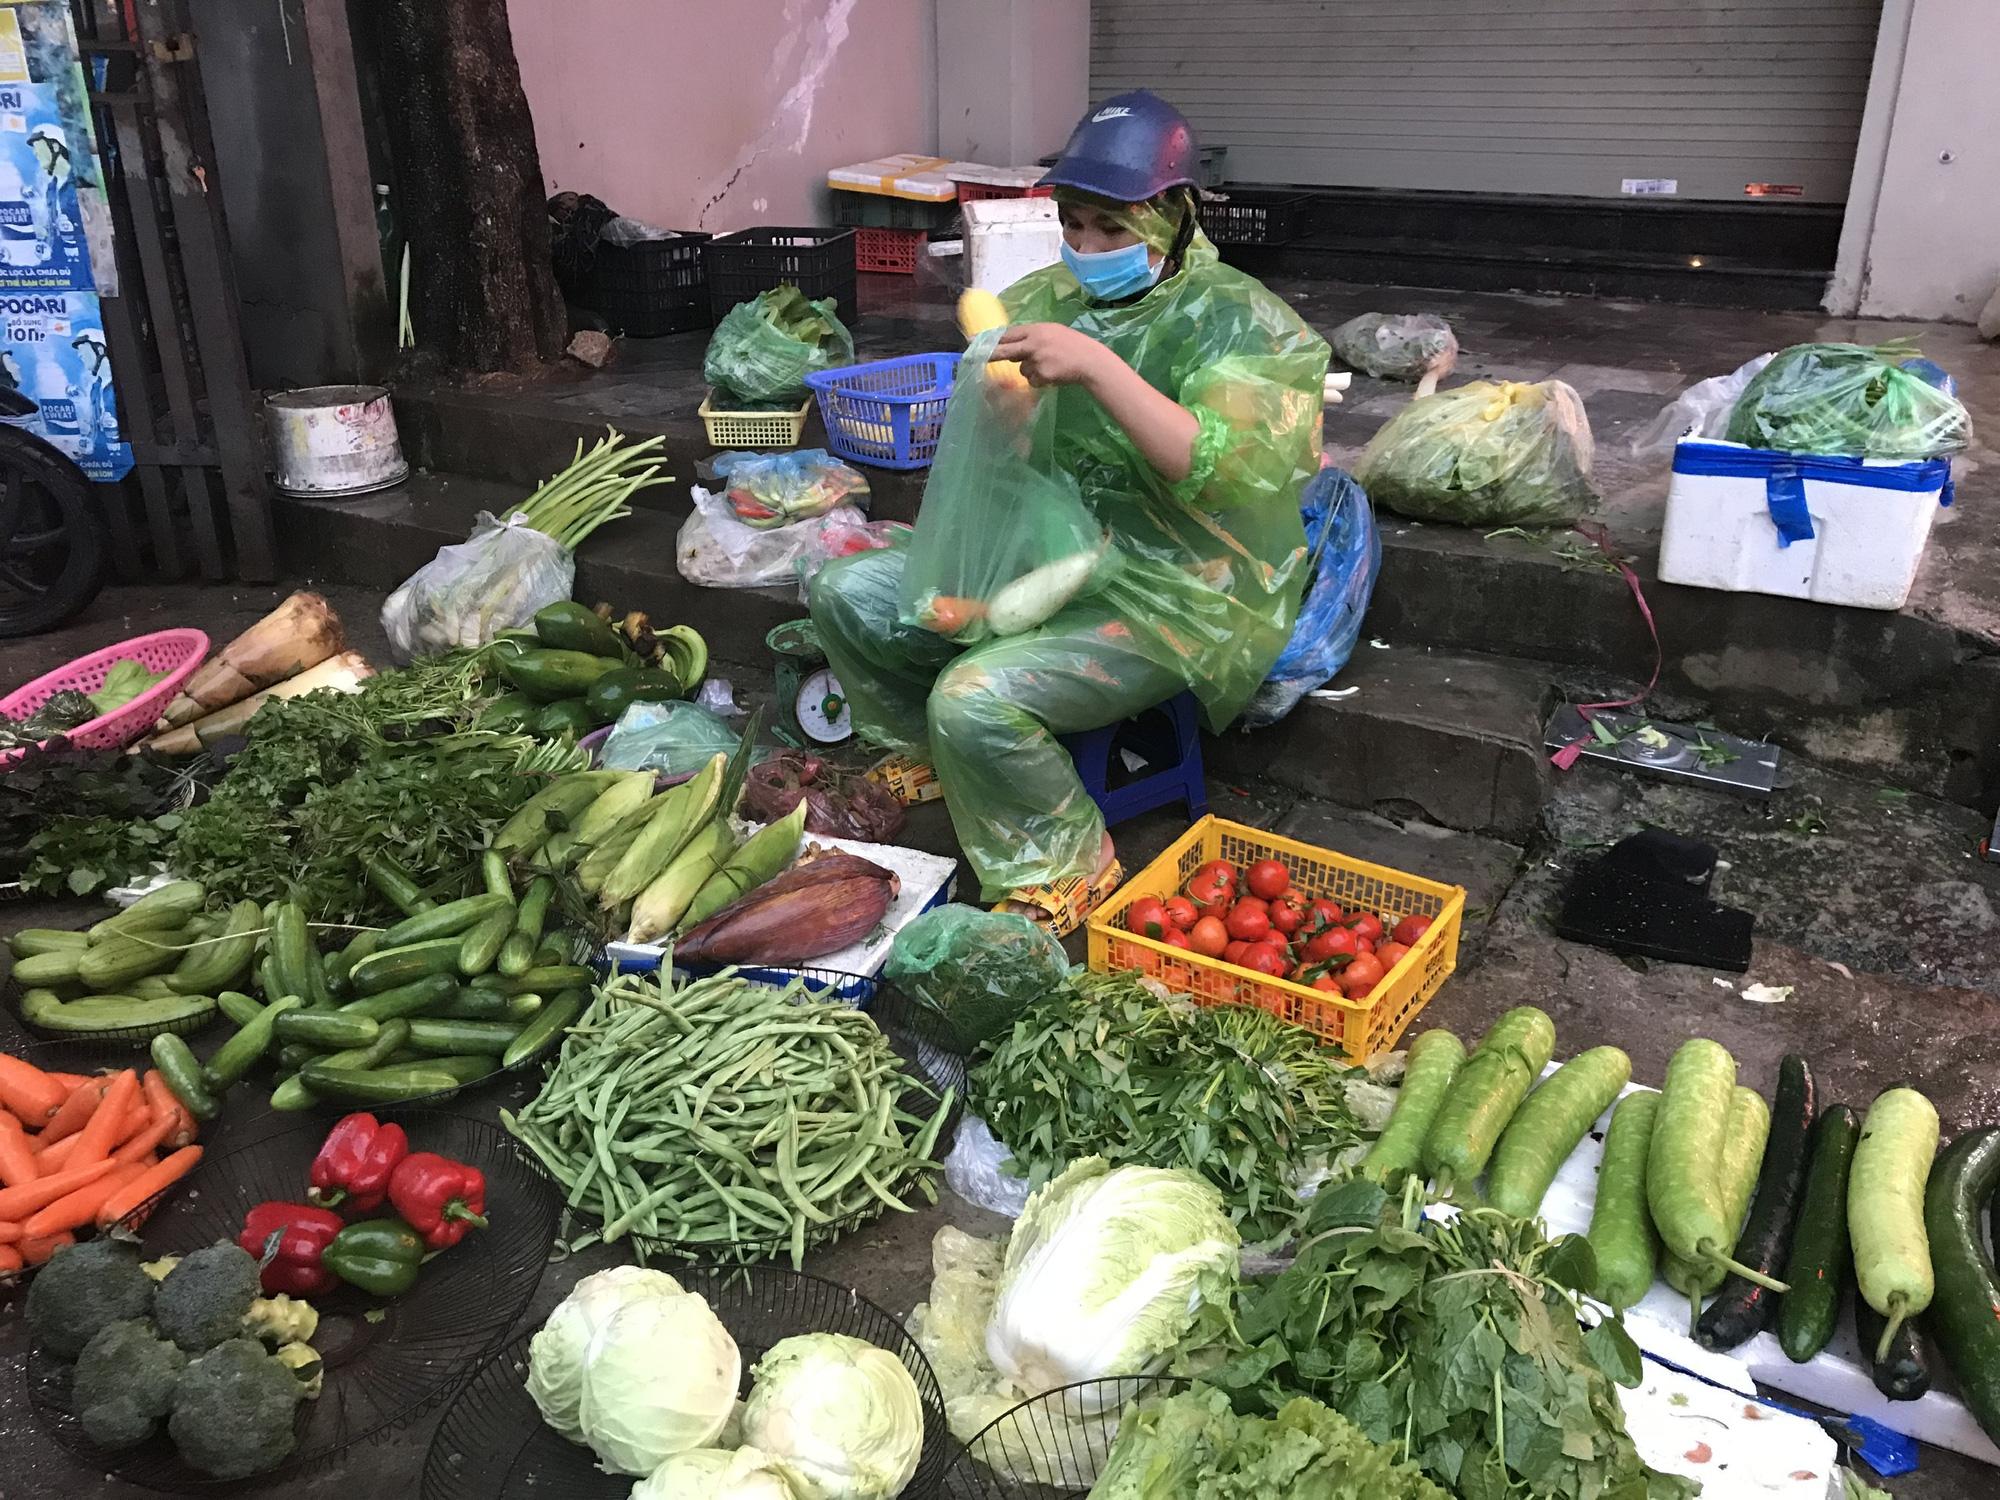 Hà Nội: Giá rau xanh tăng mạnh, người mua sững sờ - Ảnh 1.